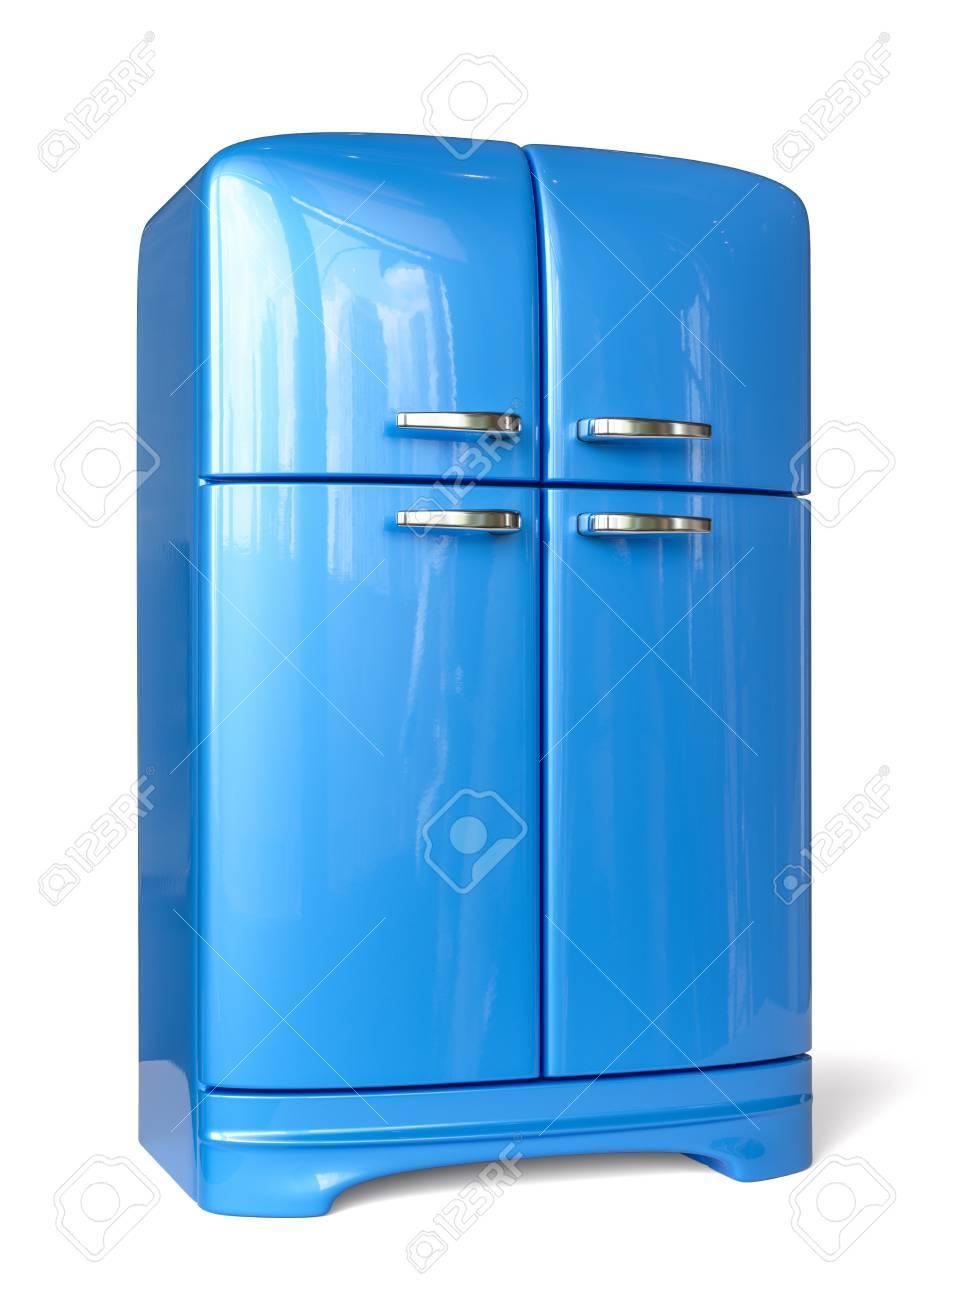 Blauer Retro Kühlschrank Kühlschrank. Bild Der Wiedergabe 3d ...